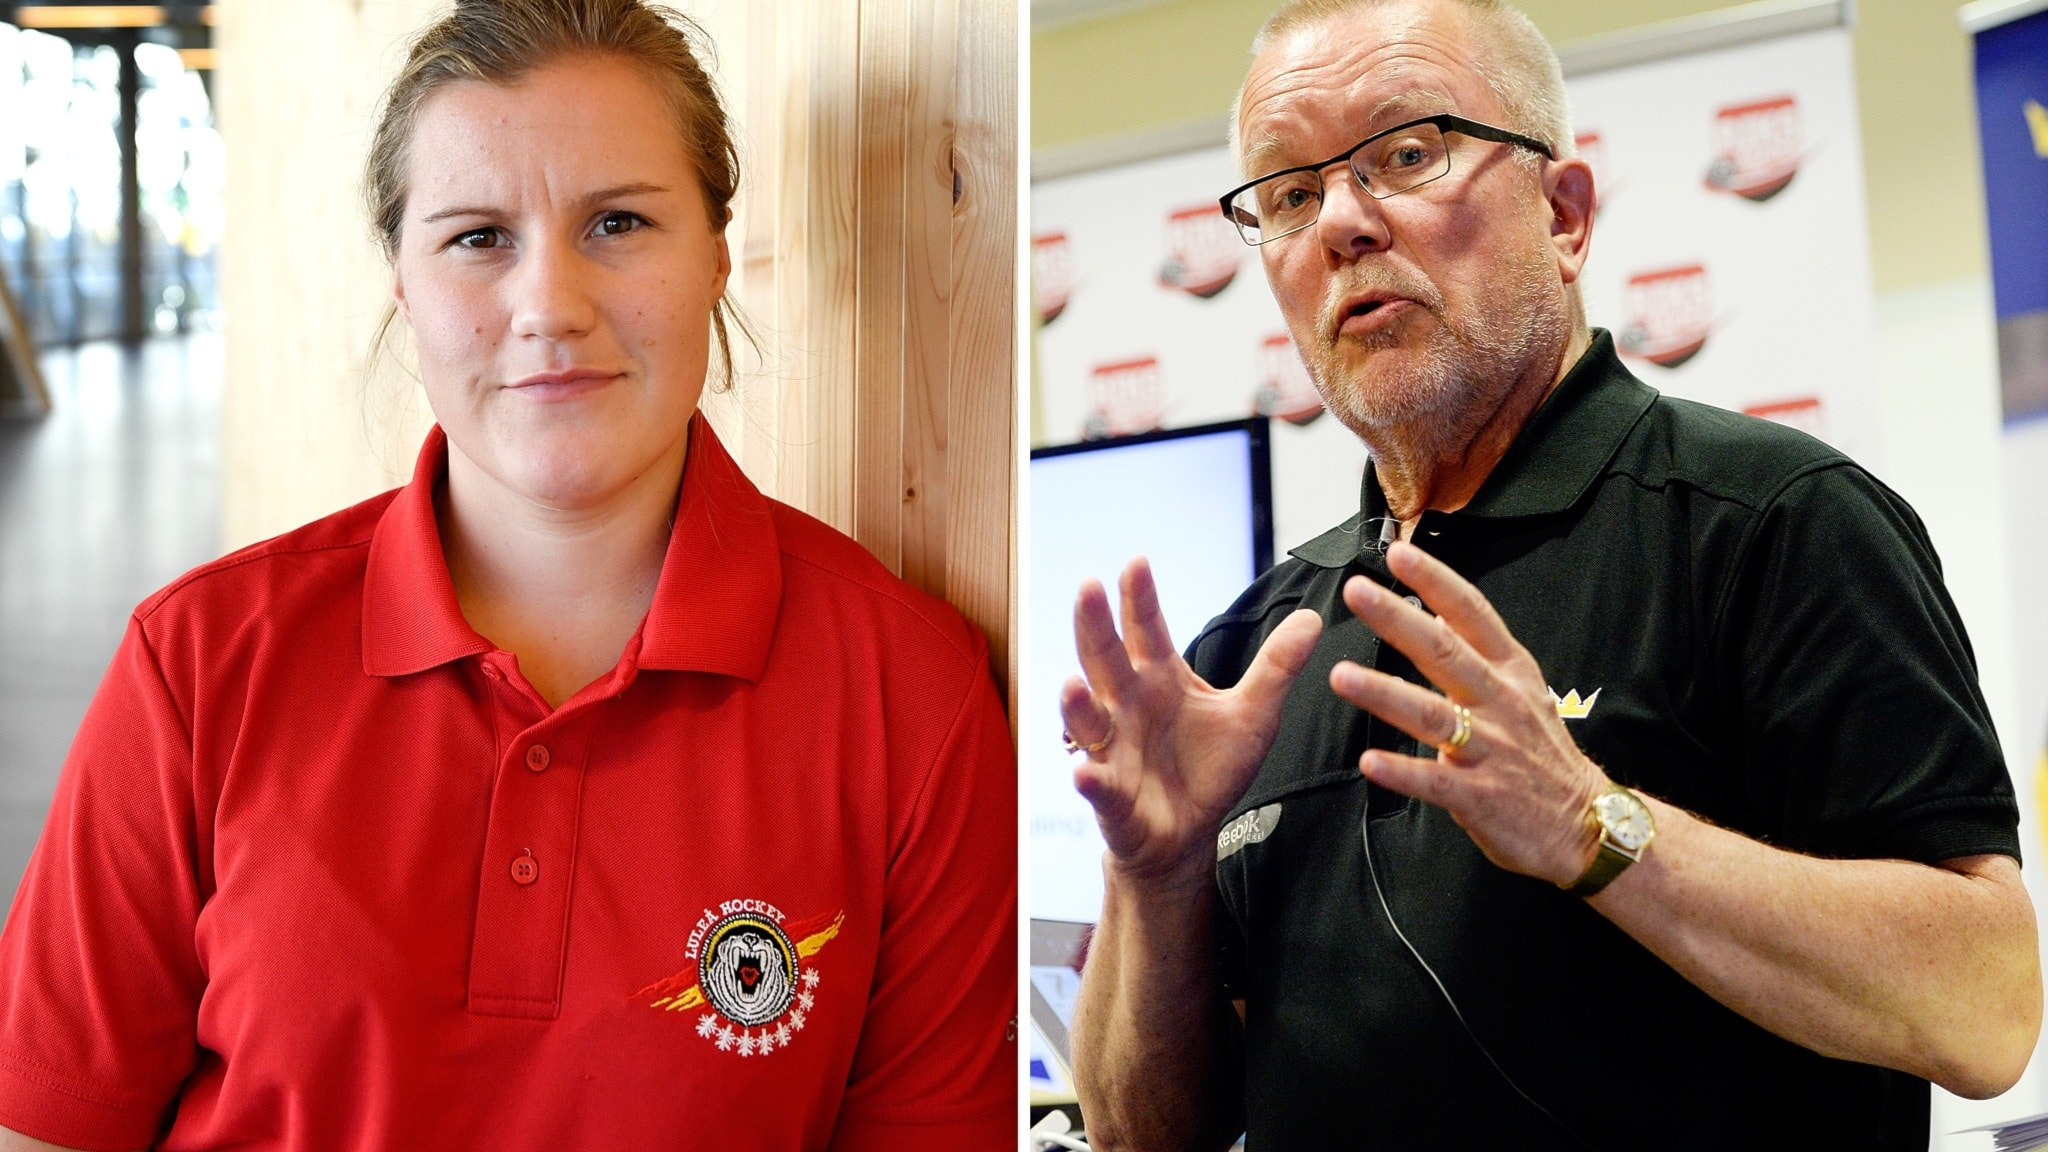 Emma Eliasson och Leif Boork hälsar på varandra, Almen Bibic om hatattacken från domaren & Timrås tunga JVM-tapp